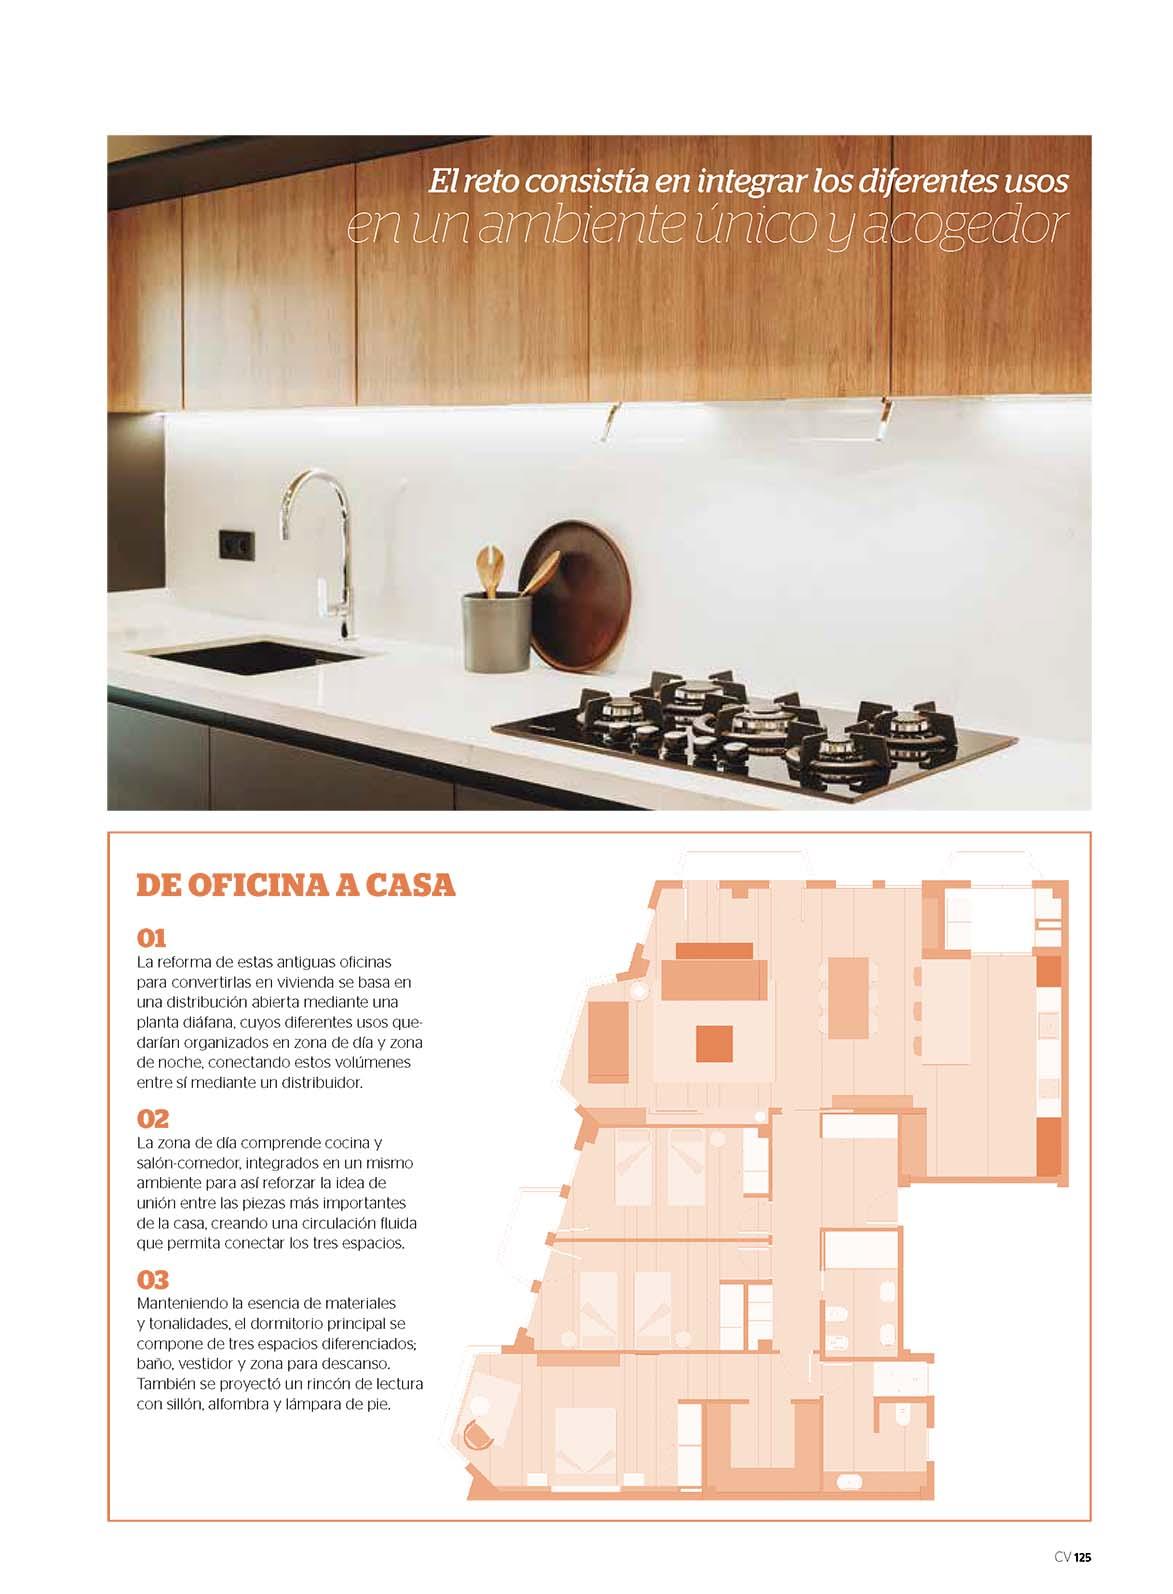 Fotografos de Arquitectura Madrid